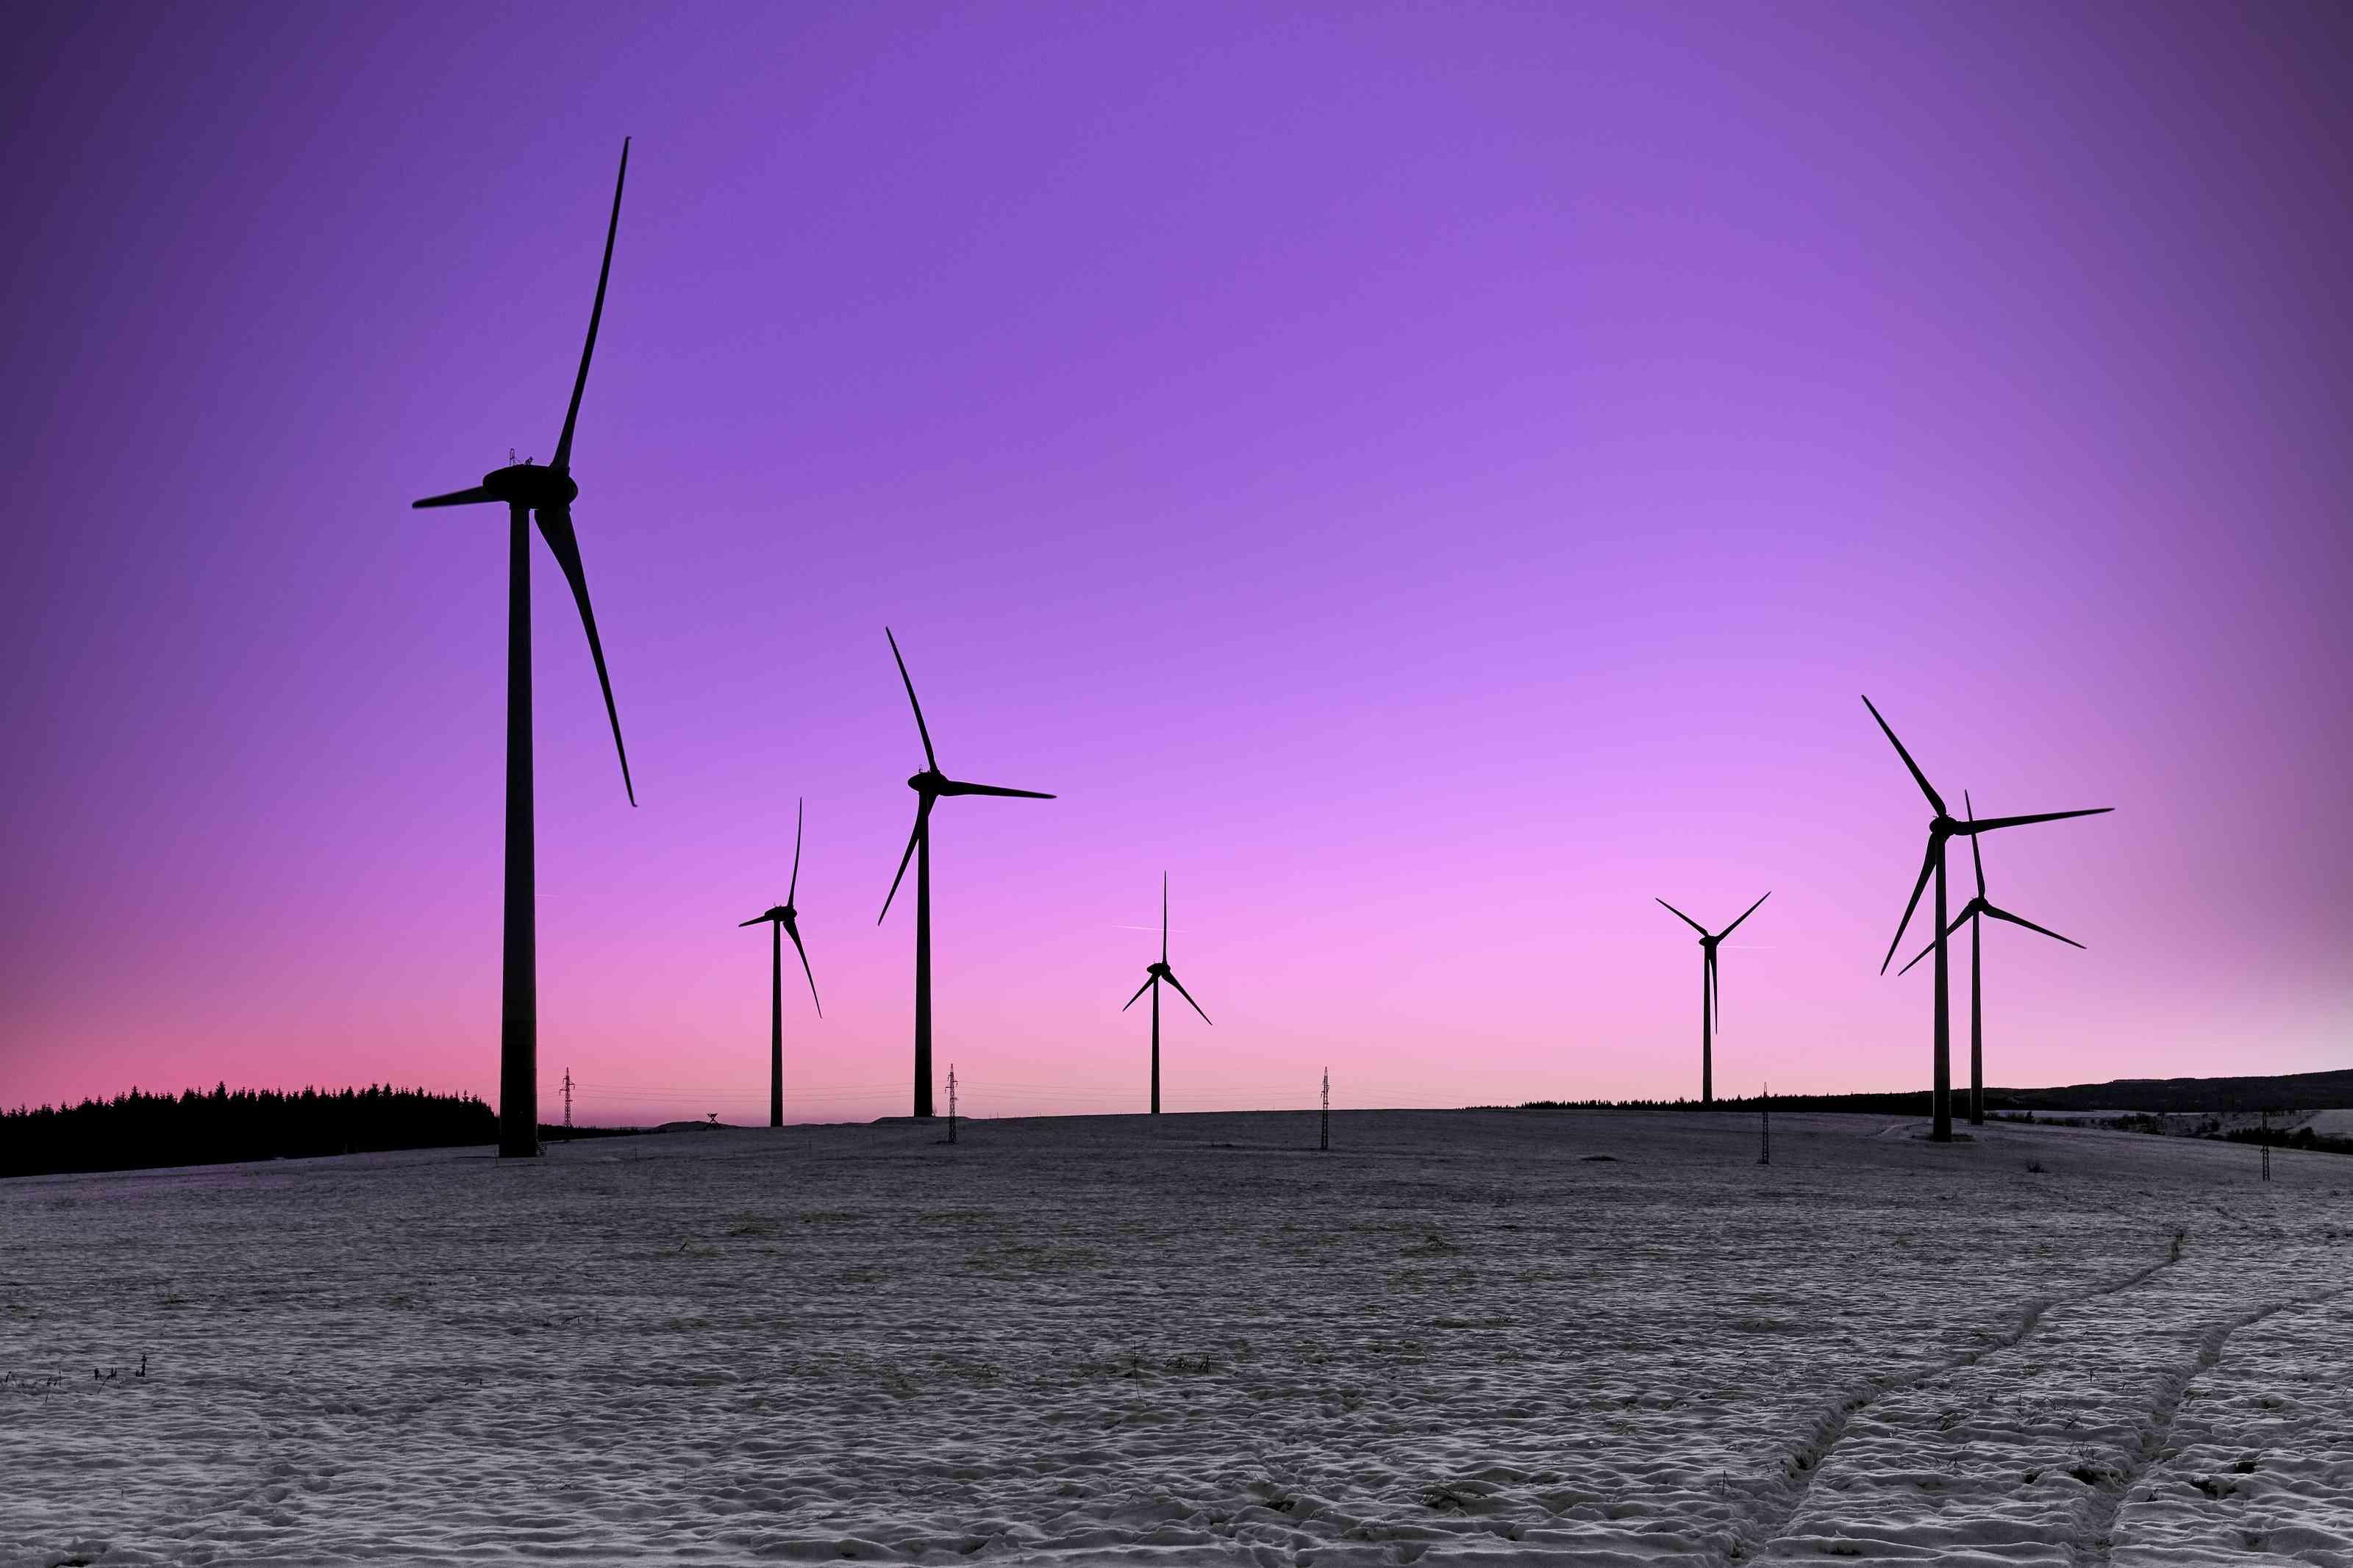 wind turbine silhouettes at twilight